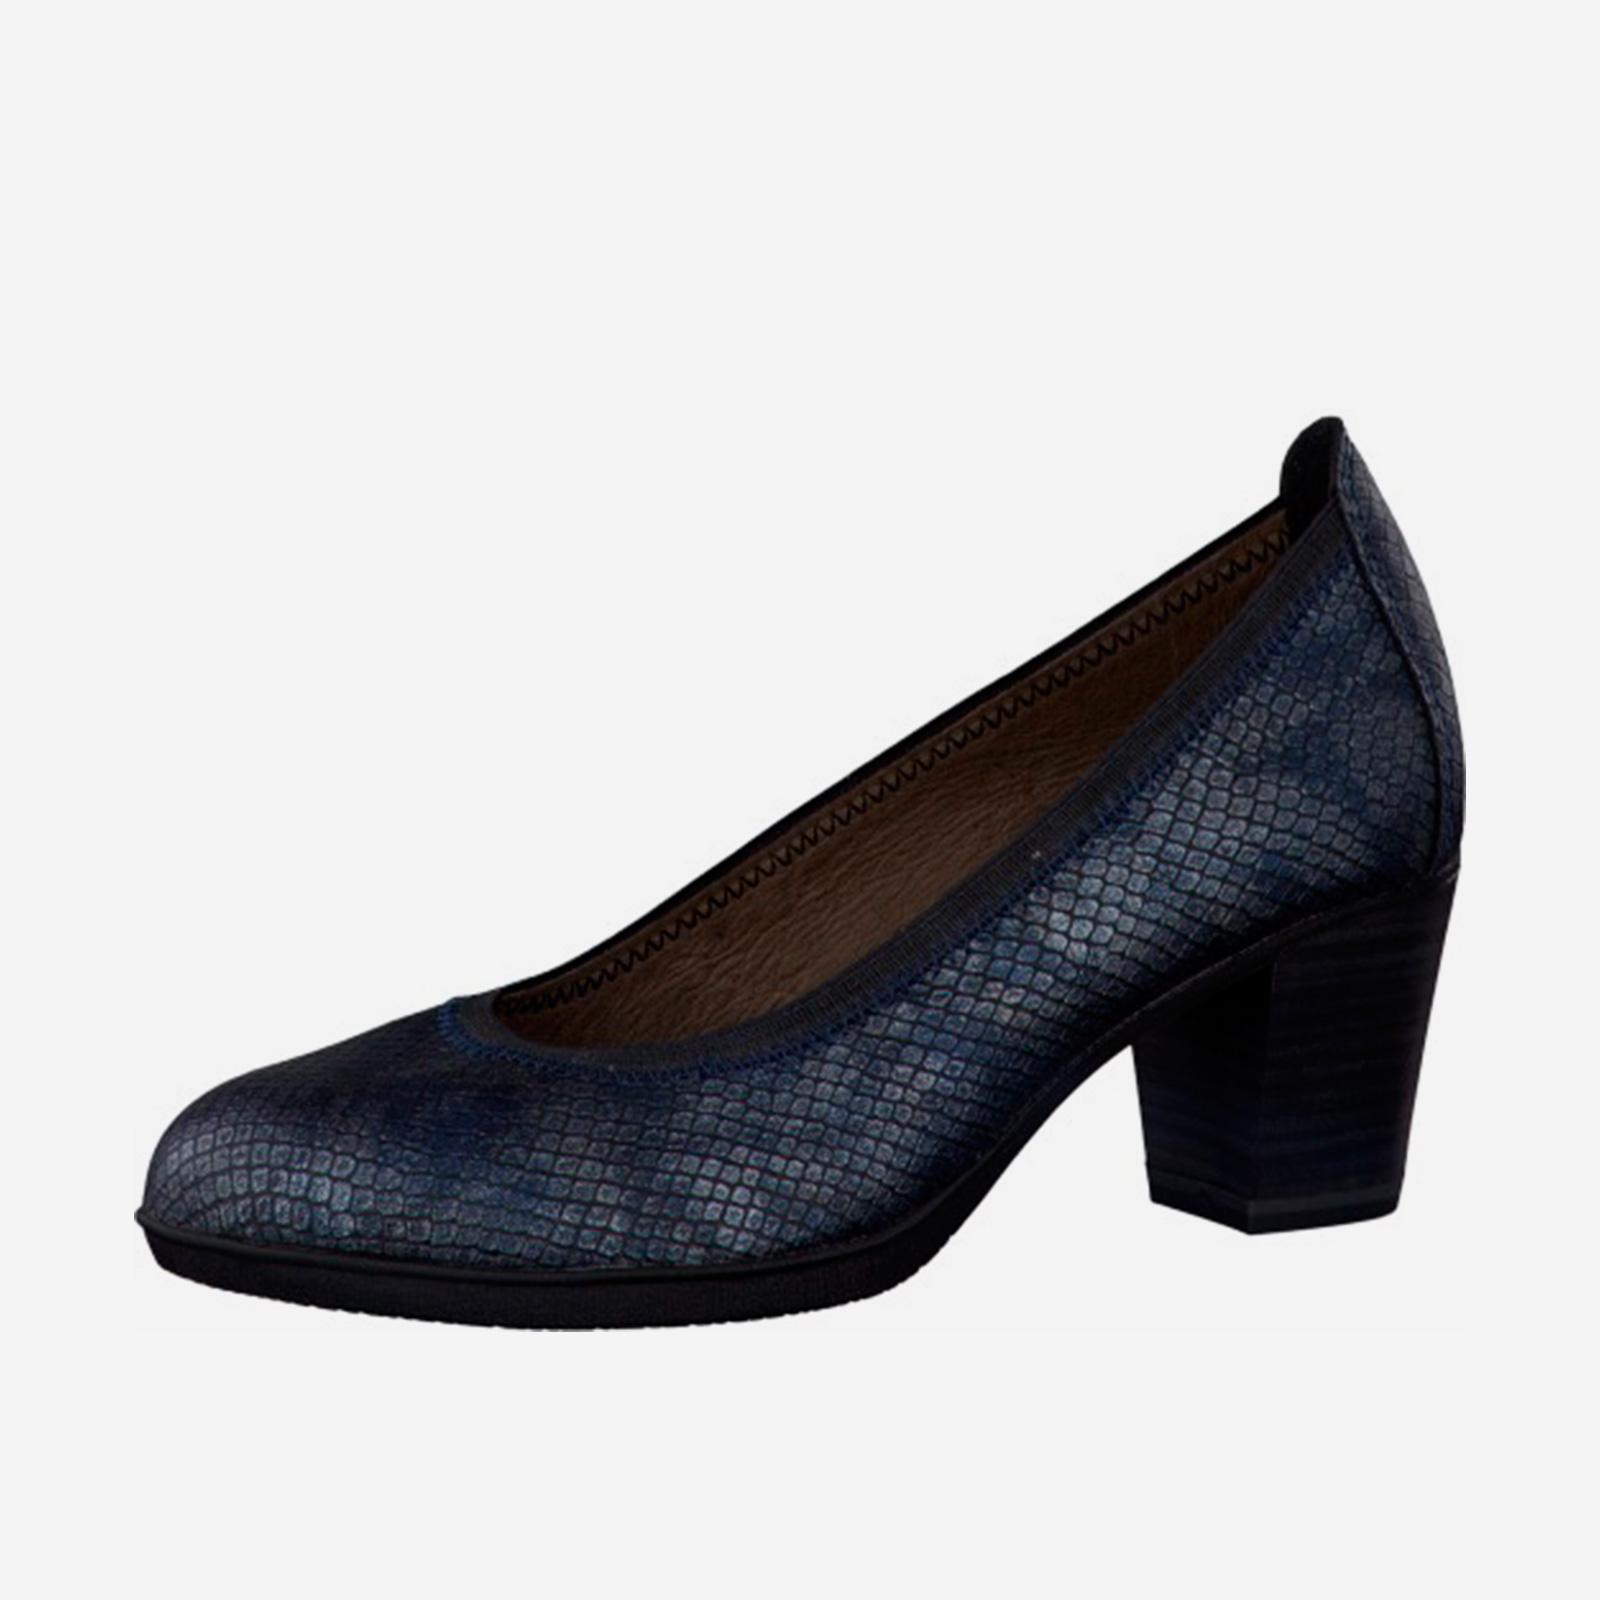 Туфли женские с тиснением под «рептилию» на среднем каблуке